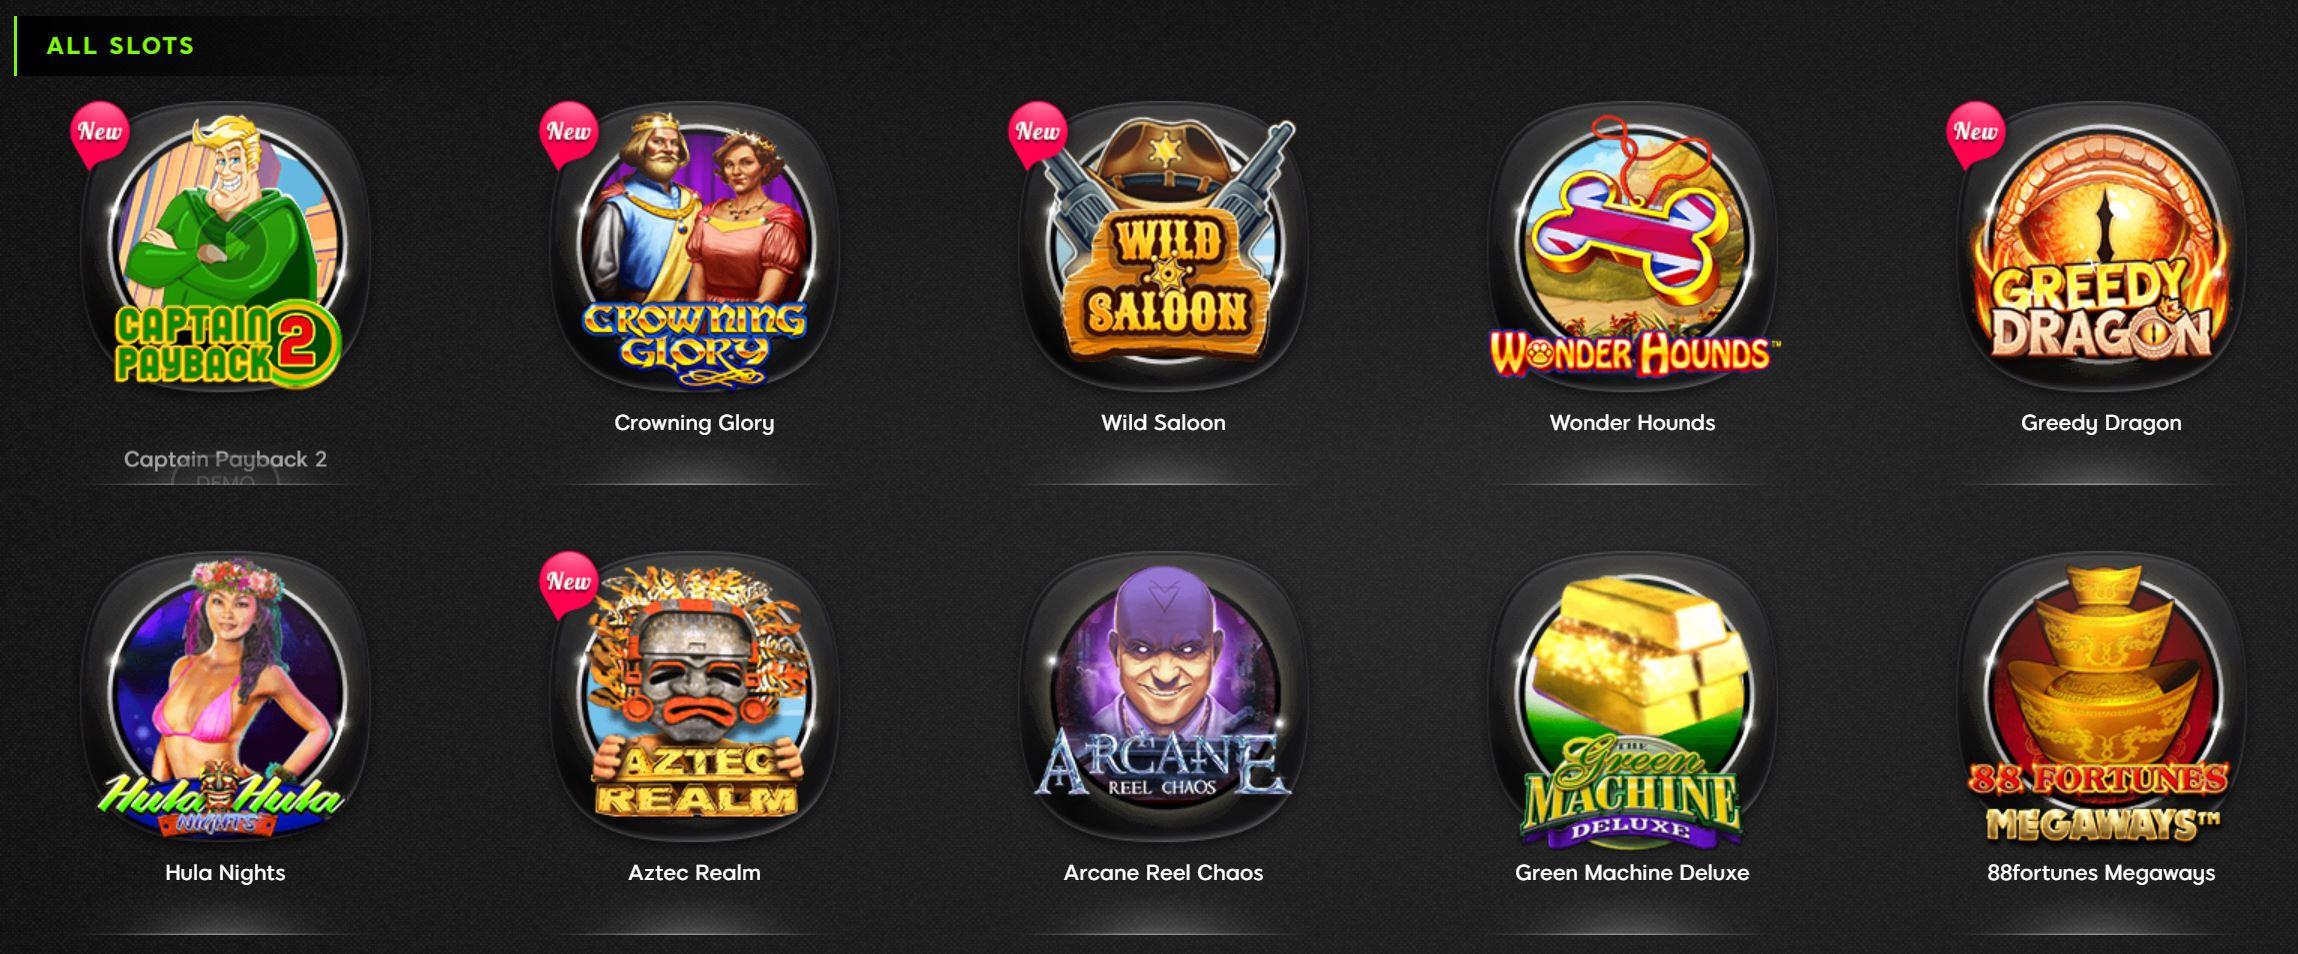 En 888 Casino existe una gran variedad de slots.